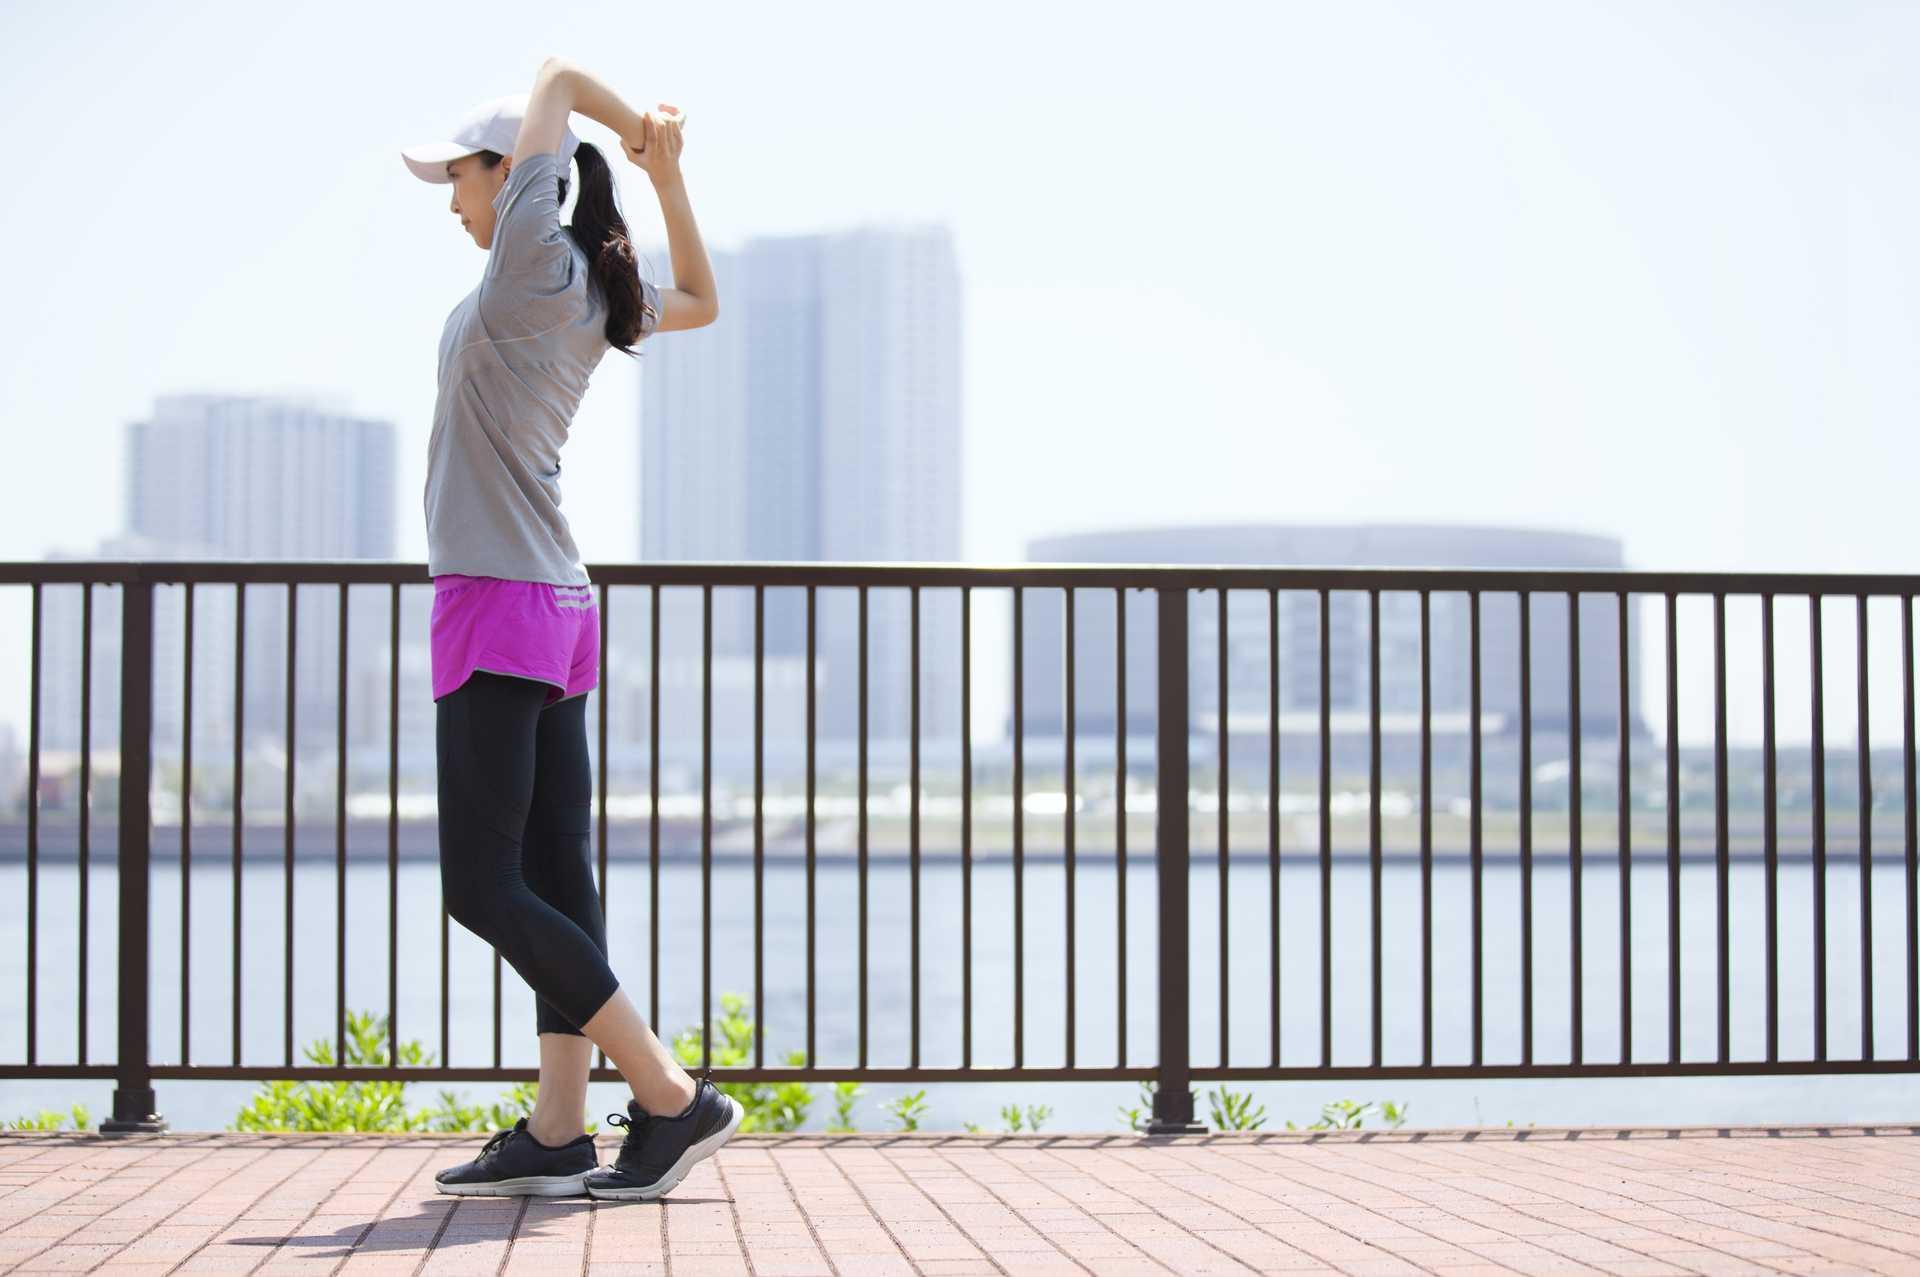 散歩の準備体操は、映画のオープニングと同じ。省略したくてもしないほうがいい。 | 散歩の楽しみ方に気づく30のポイント